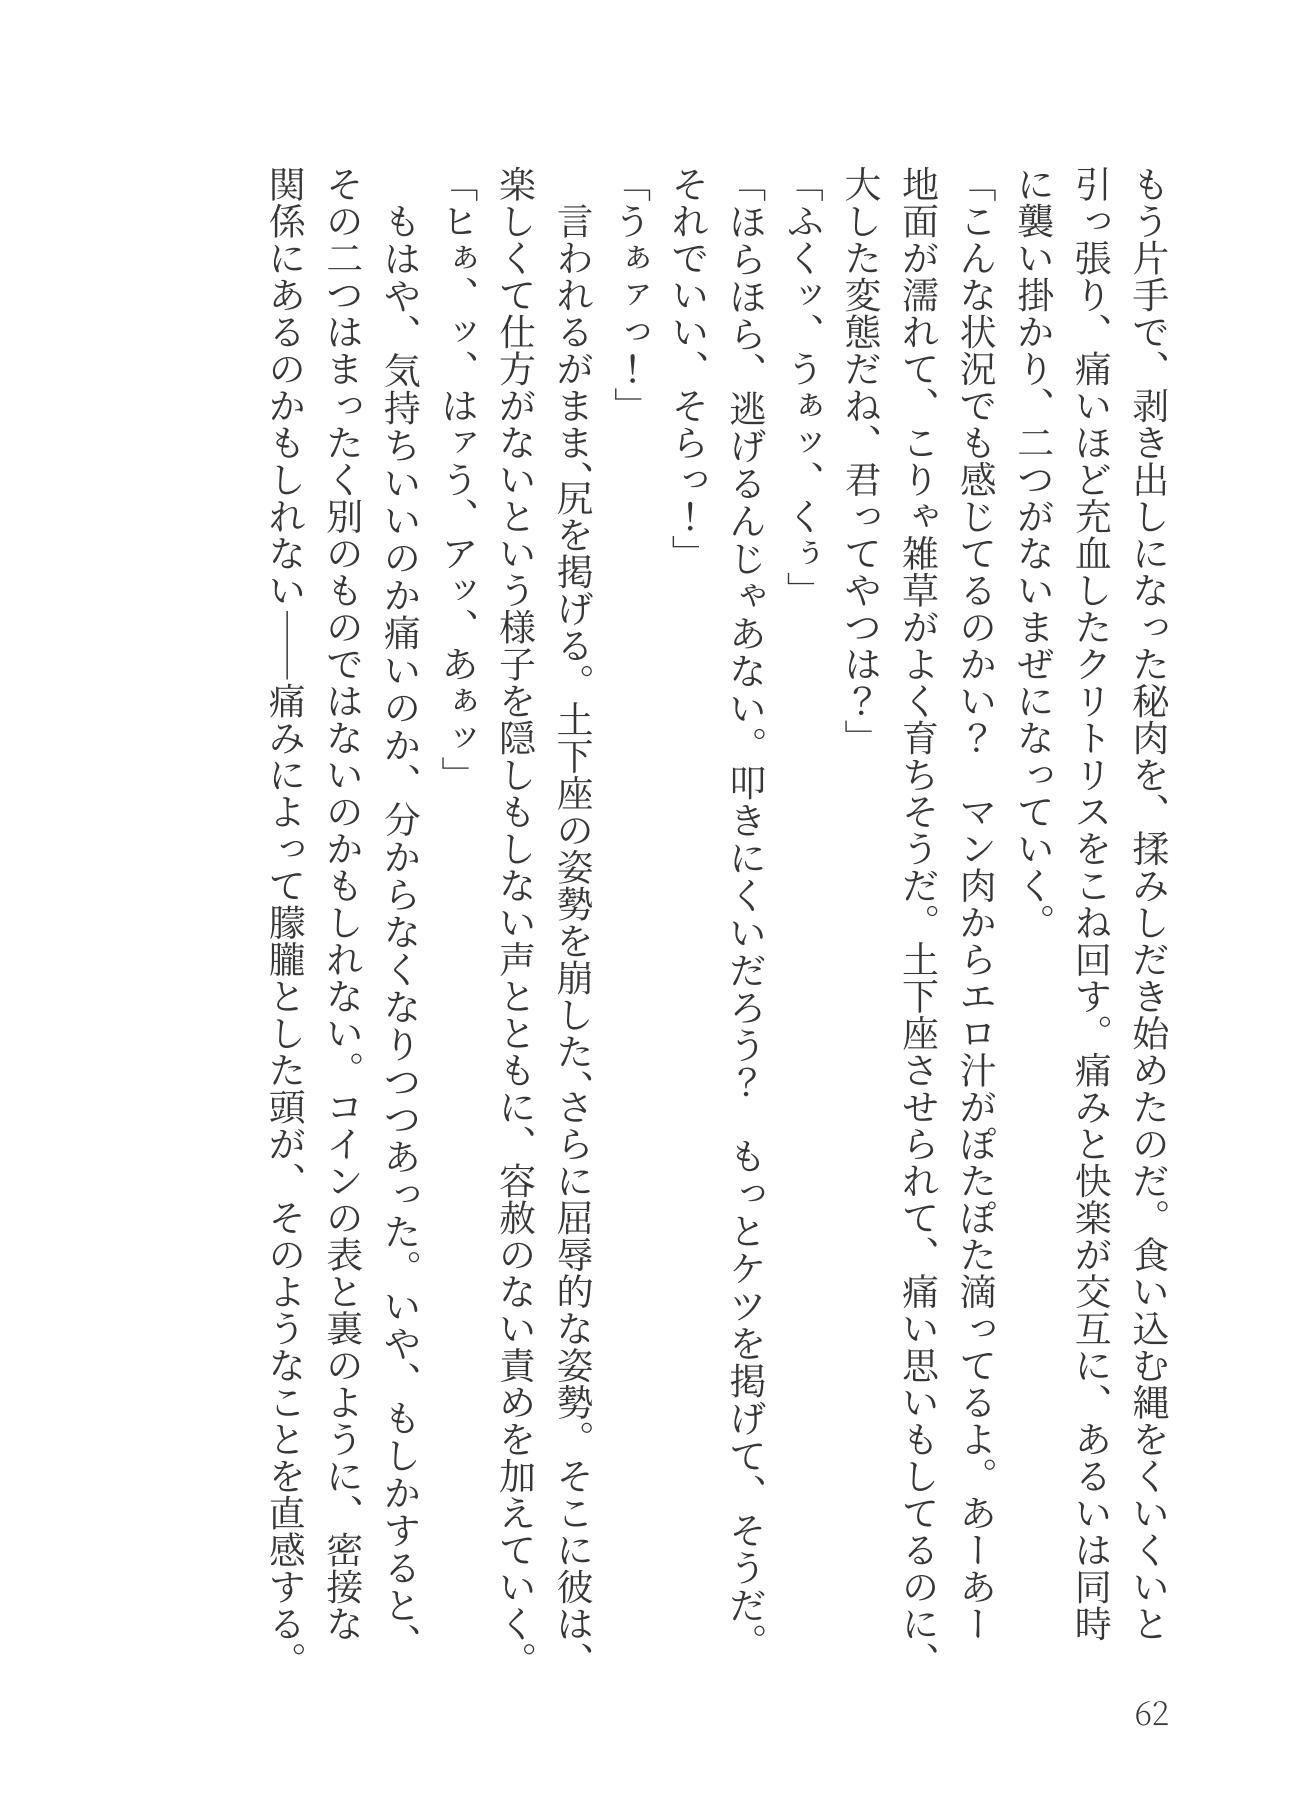 サンプル動画「ふわトロめいき」(ラブクラウド)